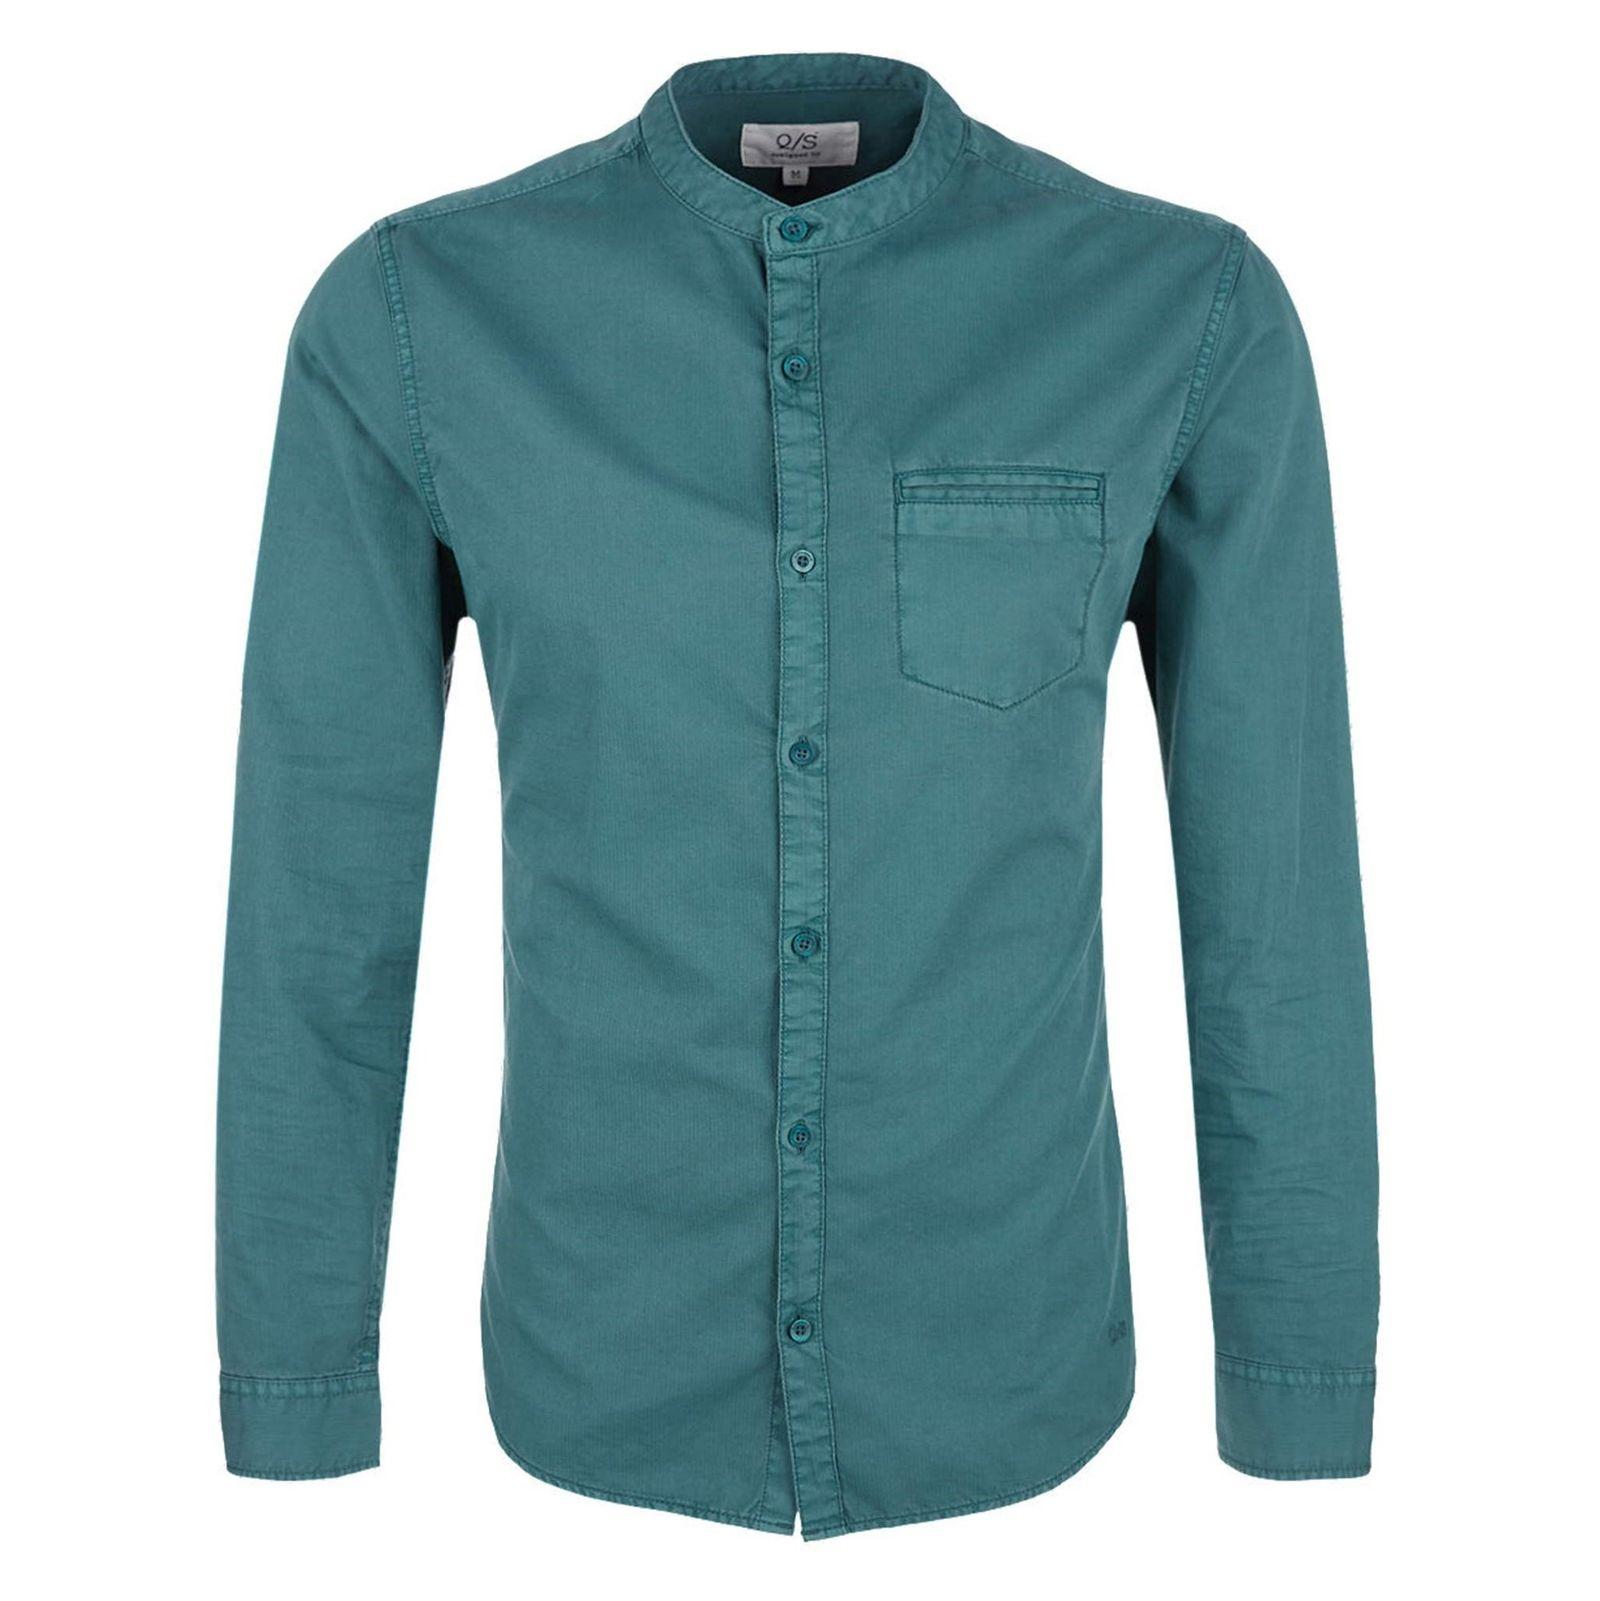 پیراهن نخی آستین بلند مردانه - اس.اولیور - سبز - 1